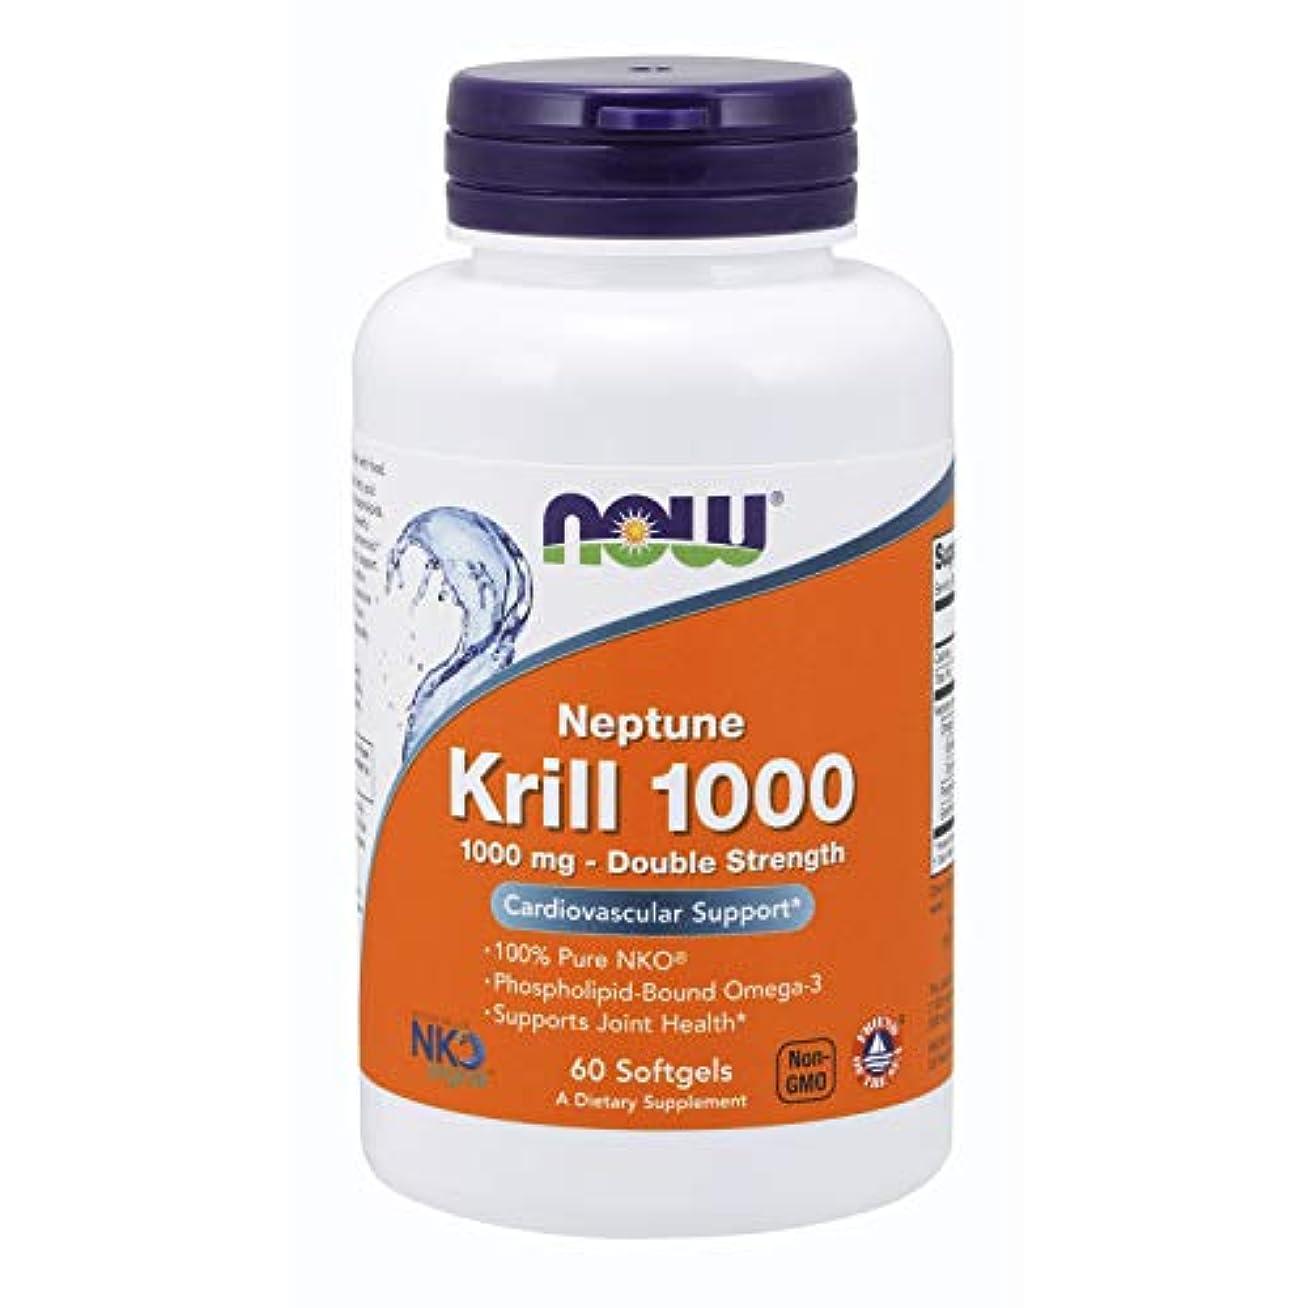 著者アサーキネマティクス[海外直送品] ナウフーズ   Neptune Krill Oil 60 Softgels 1000 mg